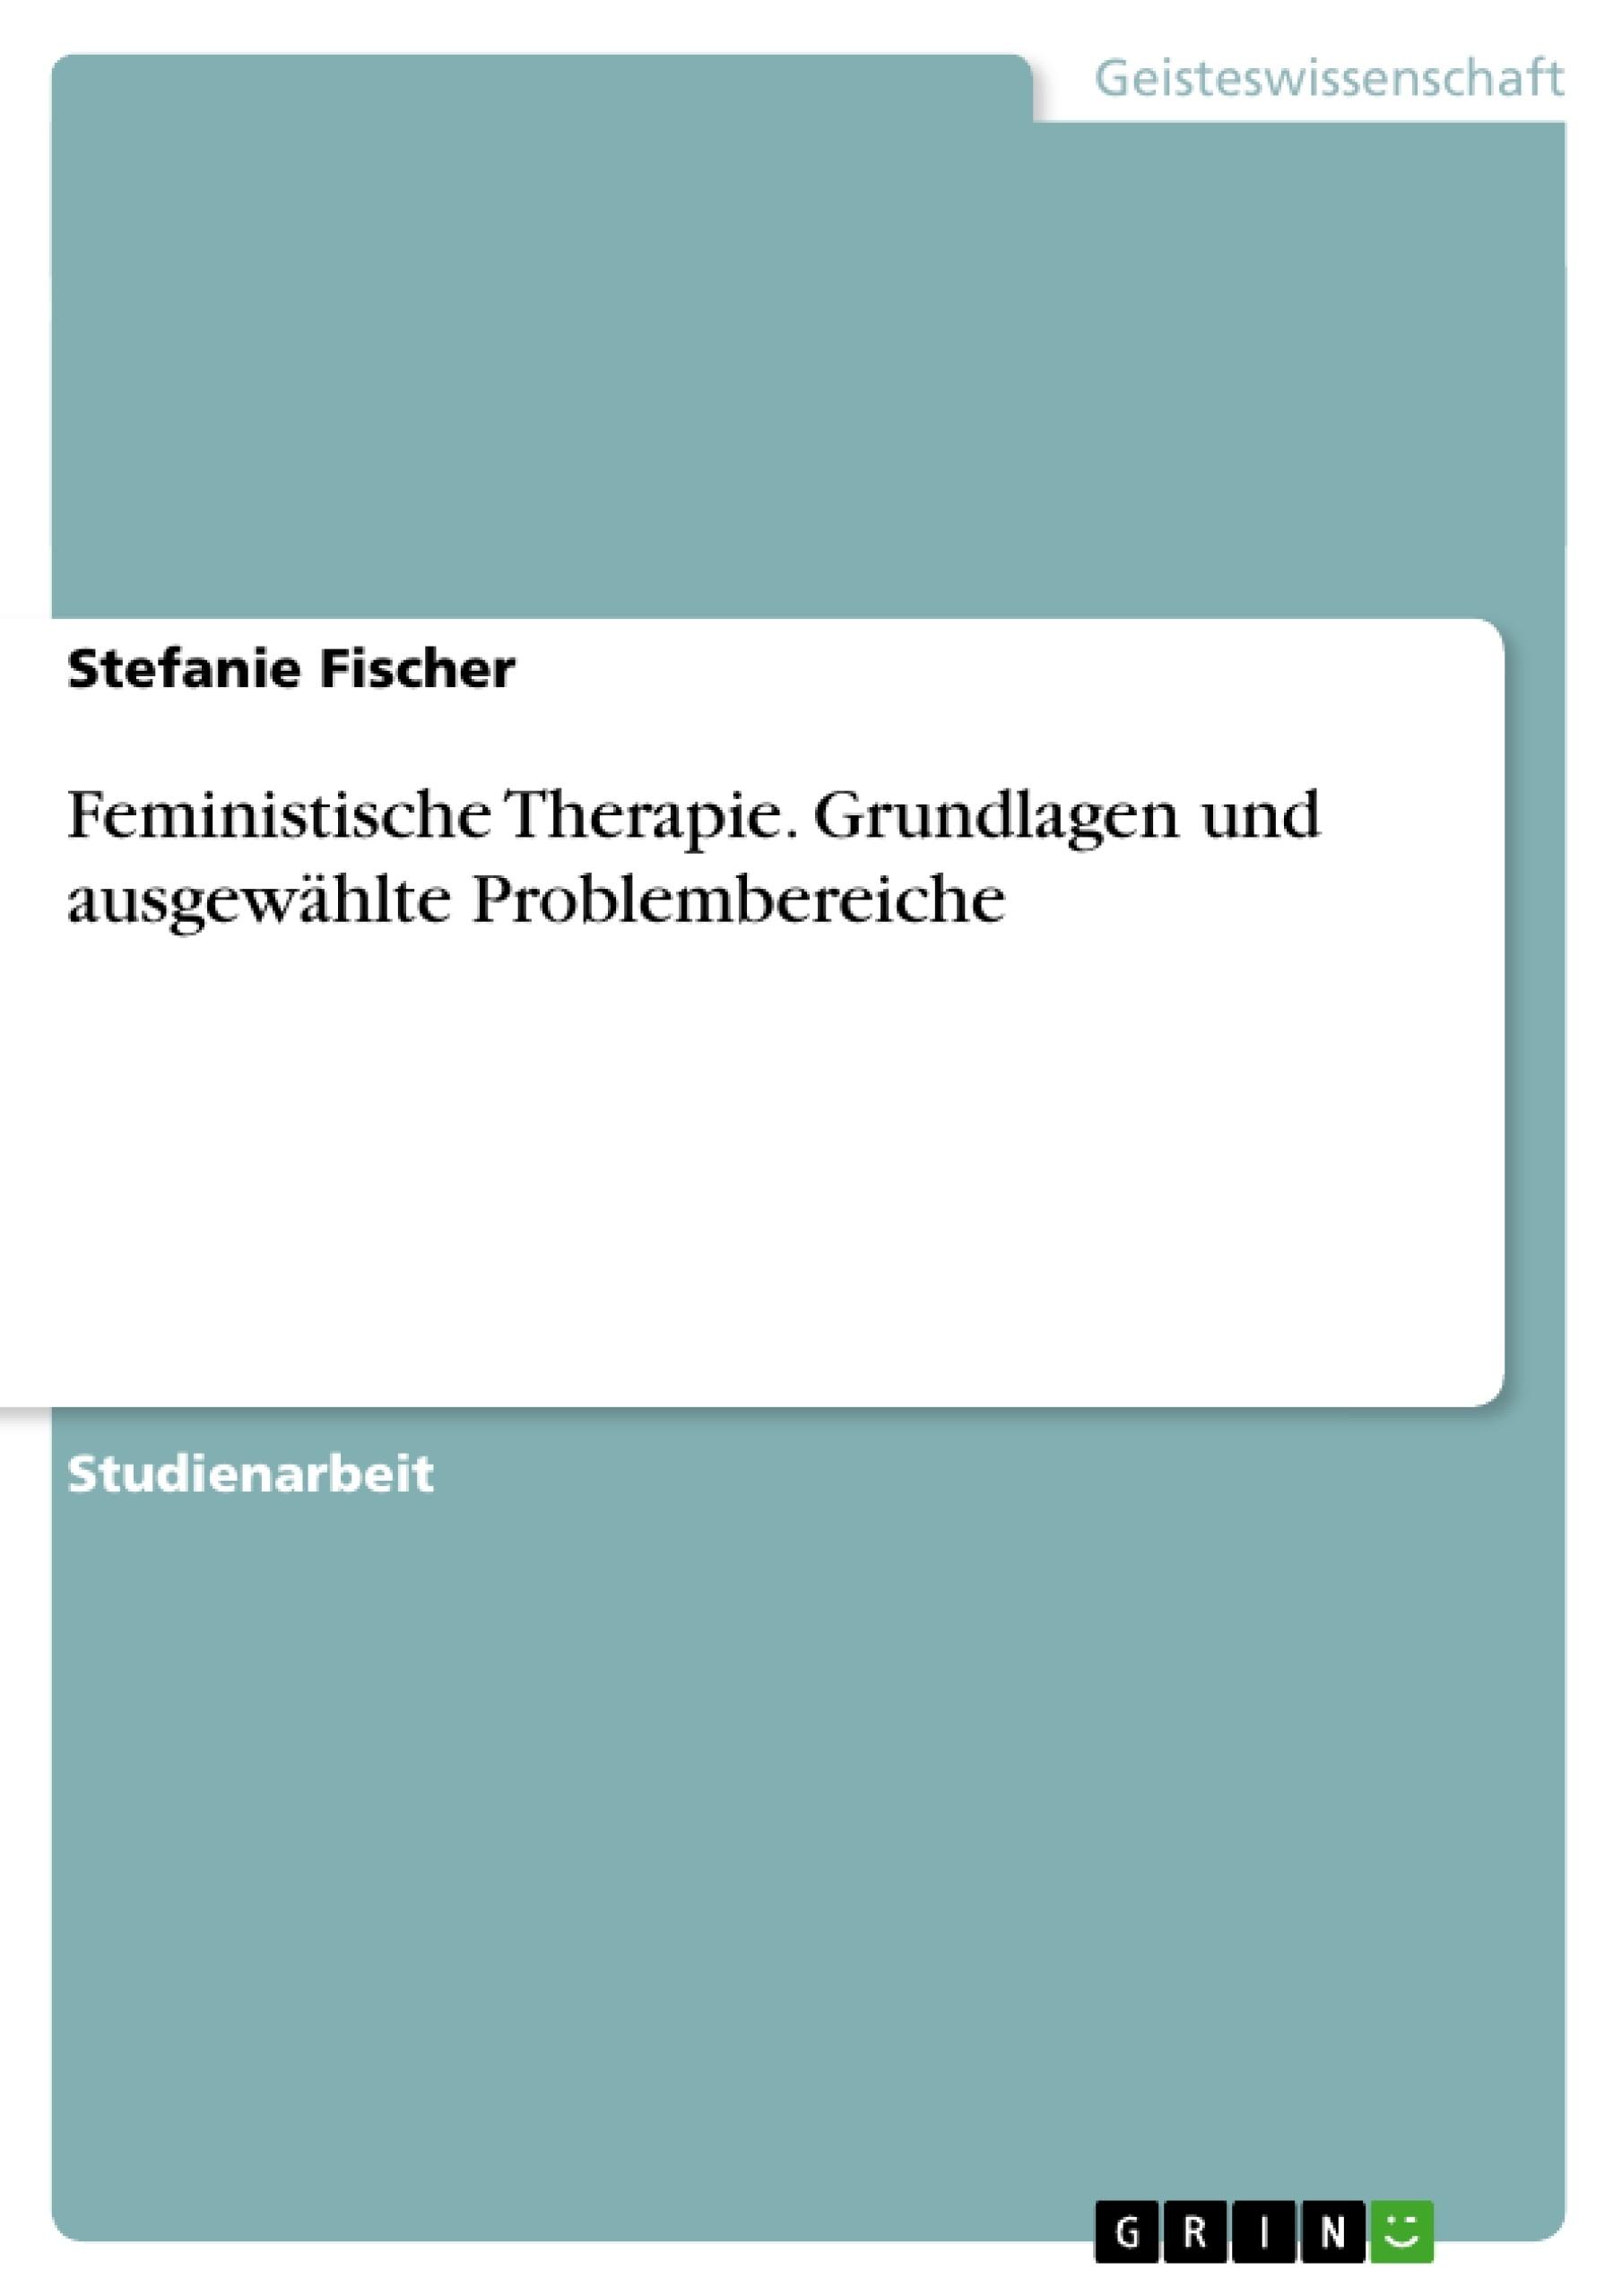 Titel: Feministische Therapie. Grundlagen und ausgewählte Problembereiche